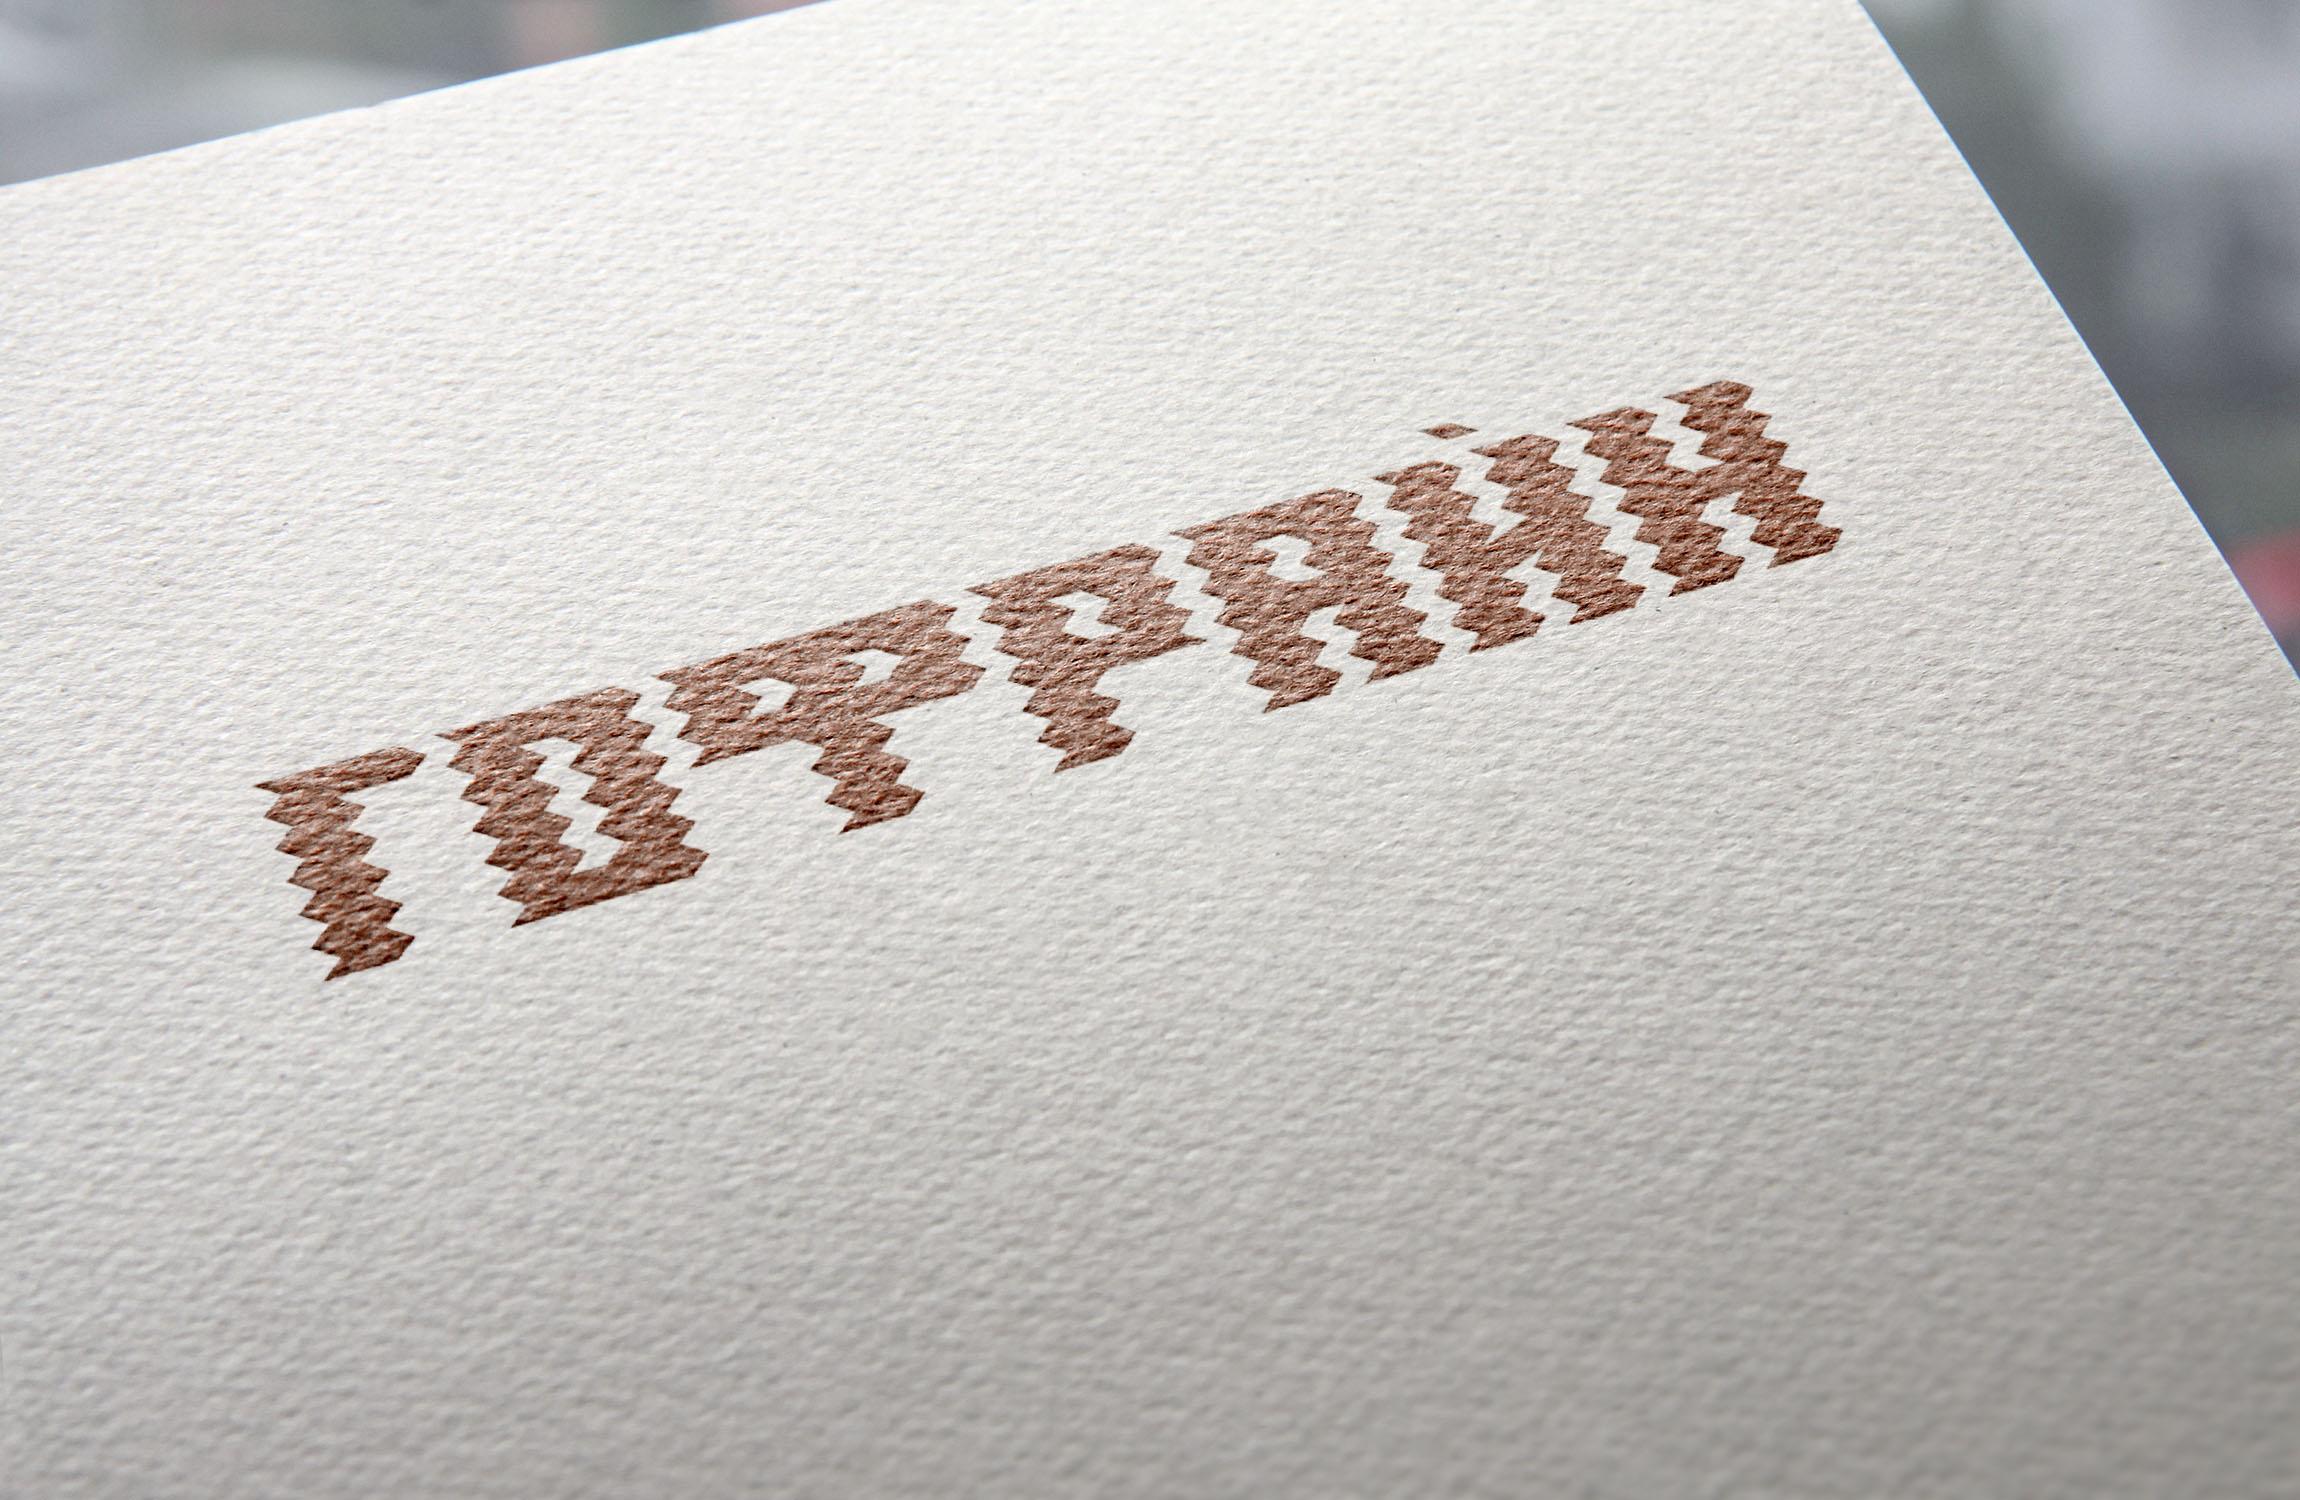 Логотип для компании по реализации упаковки из гофрокартона фото f_7425cdc0fee2f7c4.jpg